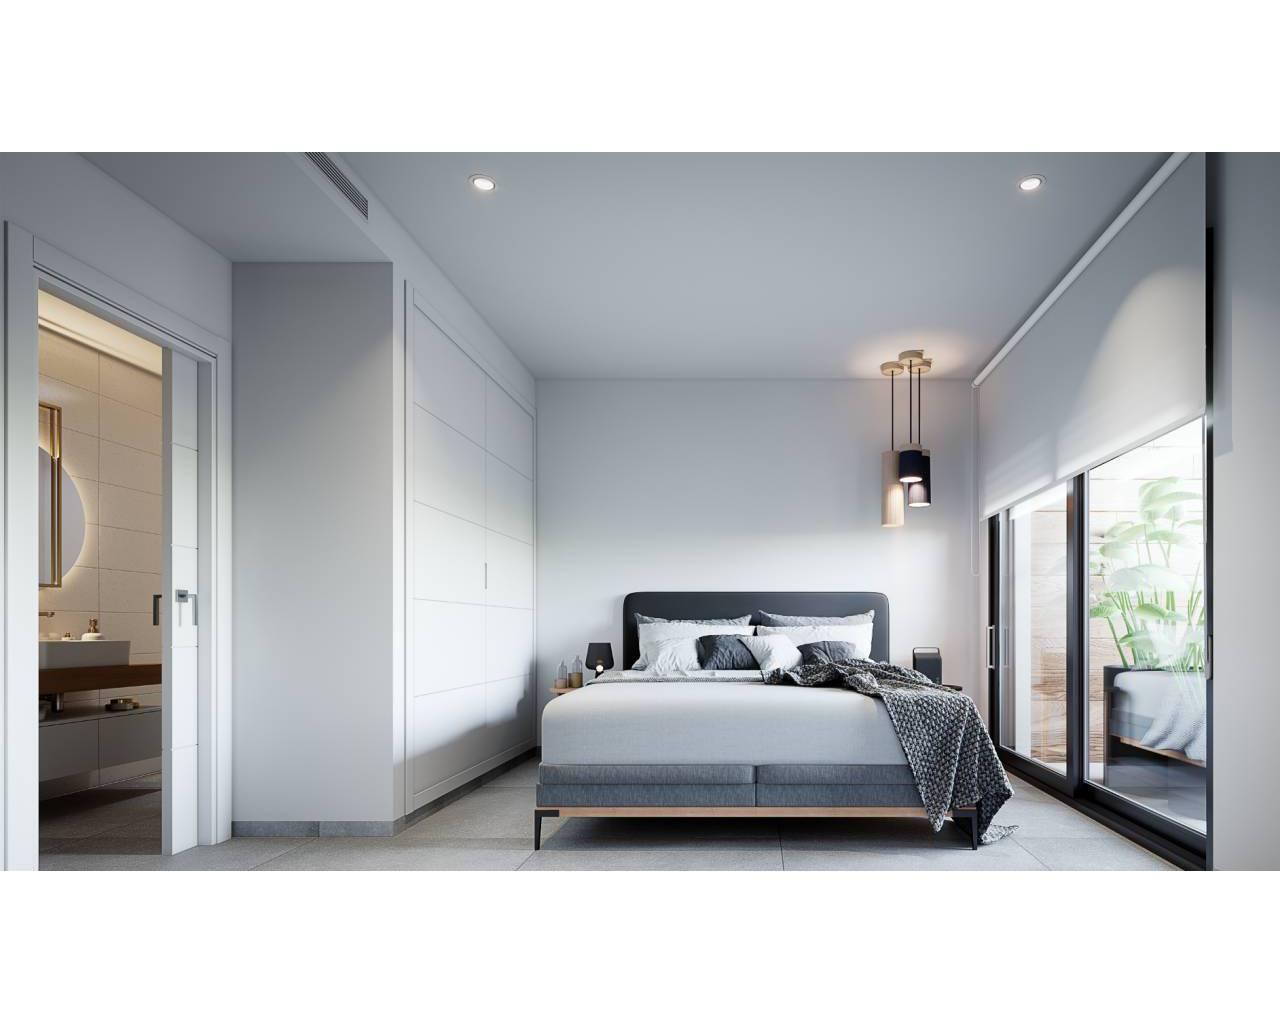 nieuwbouw-half-vrijstaande-villa-los-alcazares-roda-golf_4580_xl